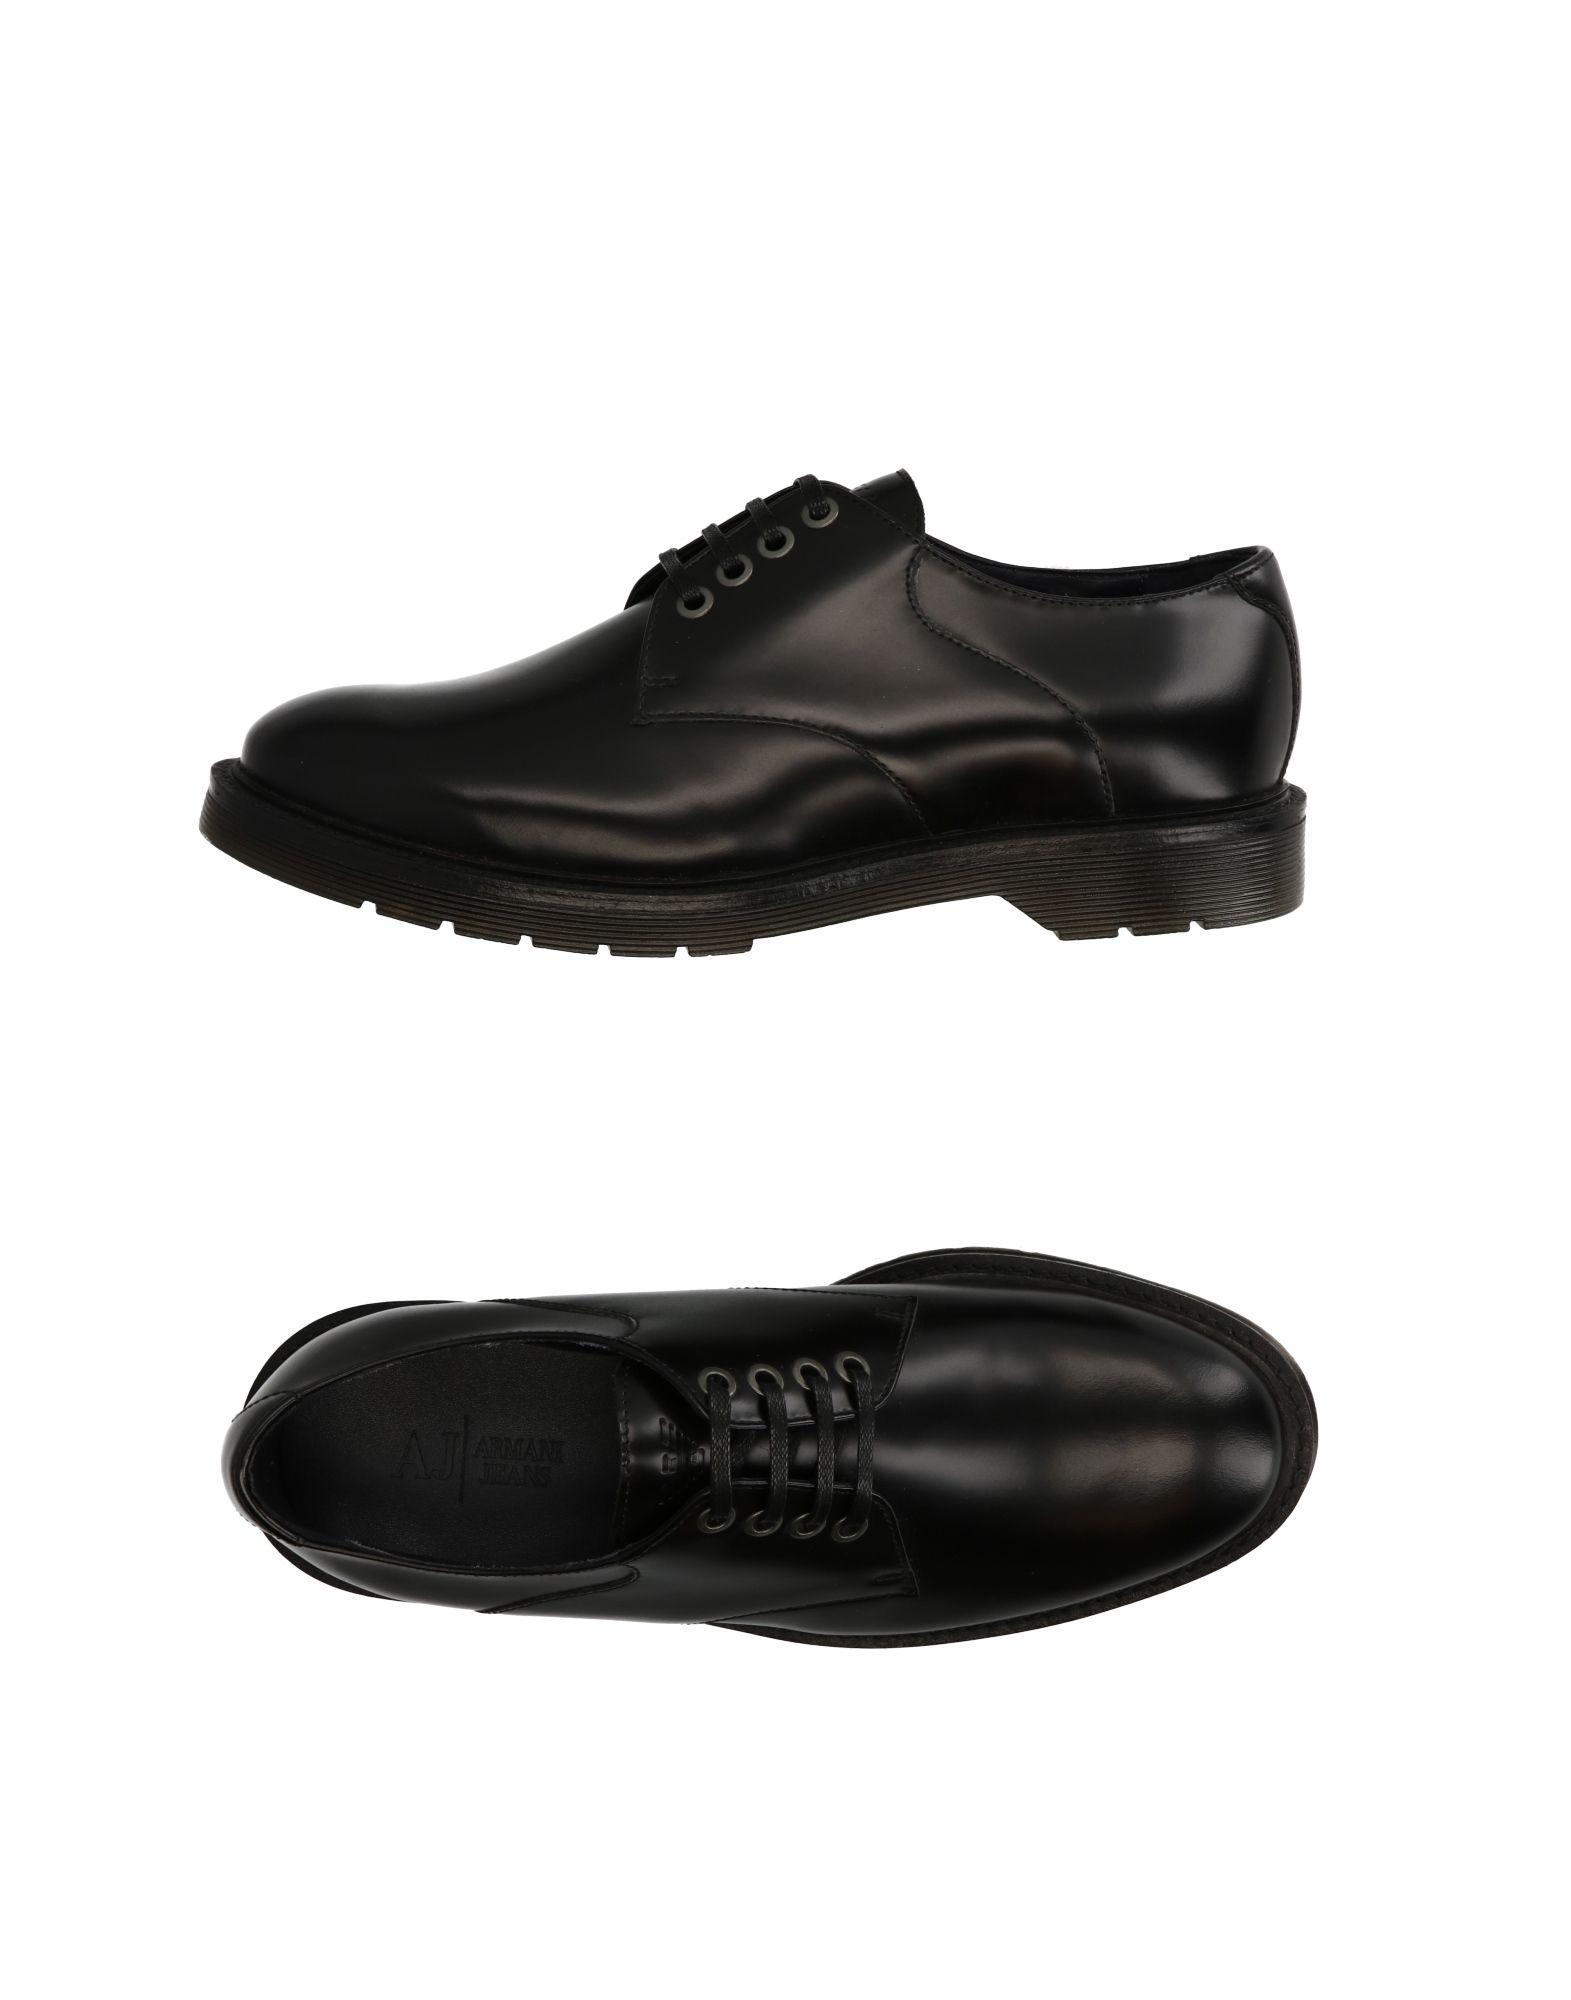 Rabatt echte Schuhe Armani Jeans Schnürschuhe Herren  11261155QD